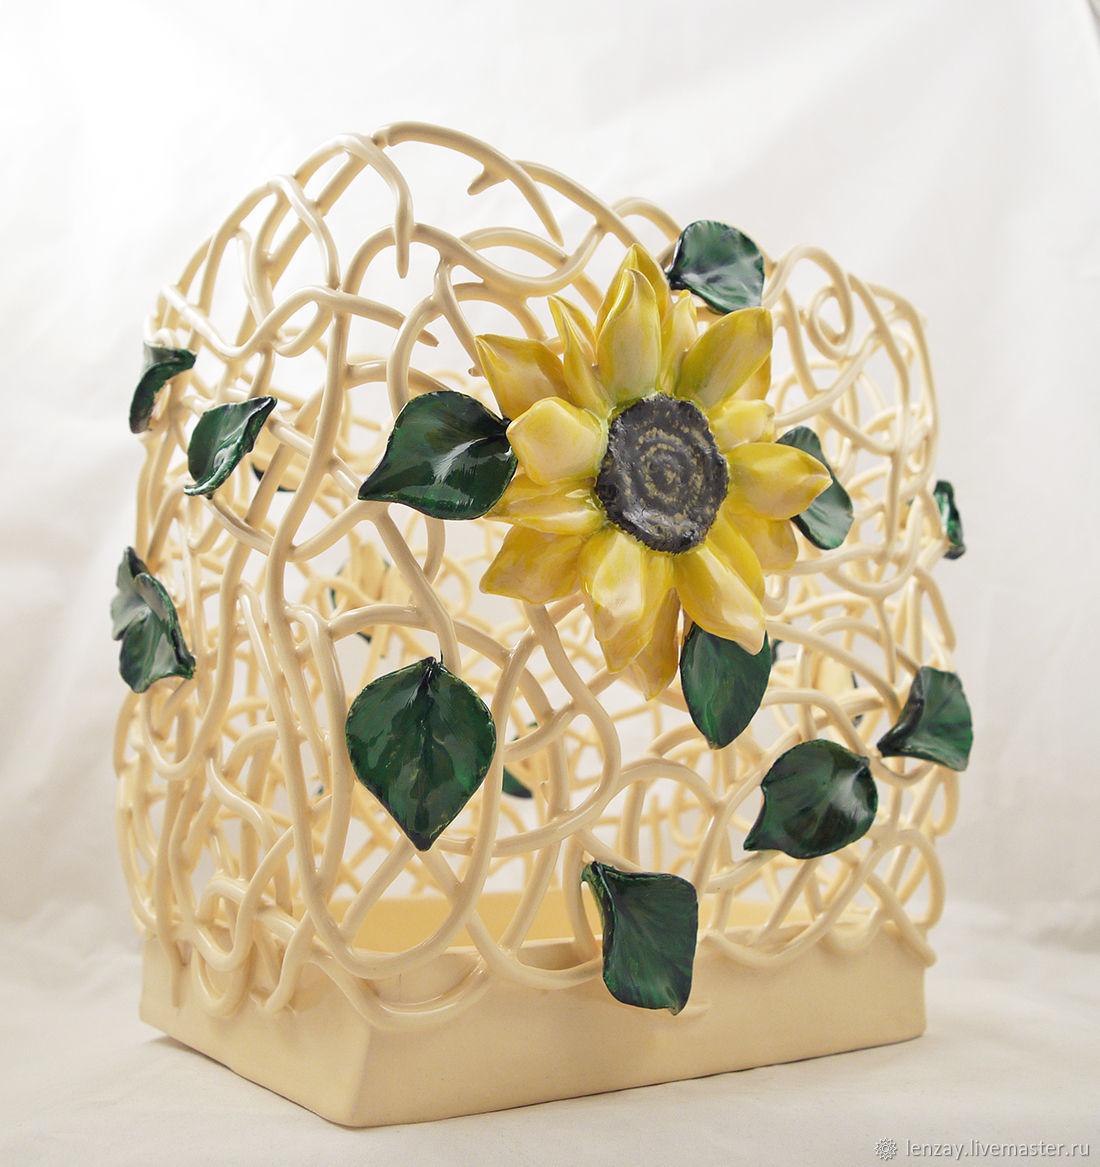 Керамическая ваза из коллекции `Подсолнухи`. Параллелепипед. Высота 25 см. Плетеная керамика и керамическая флористика Елены Зайченко